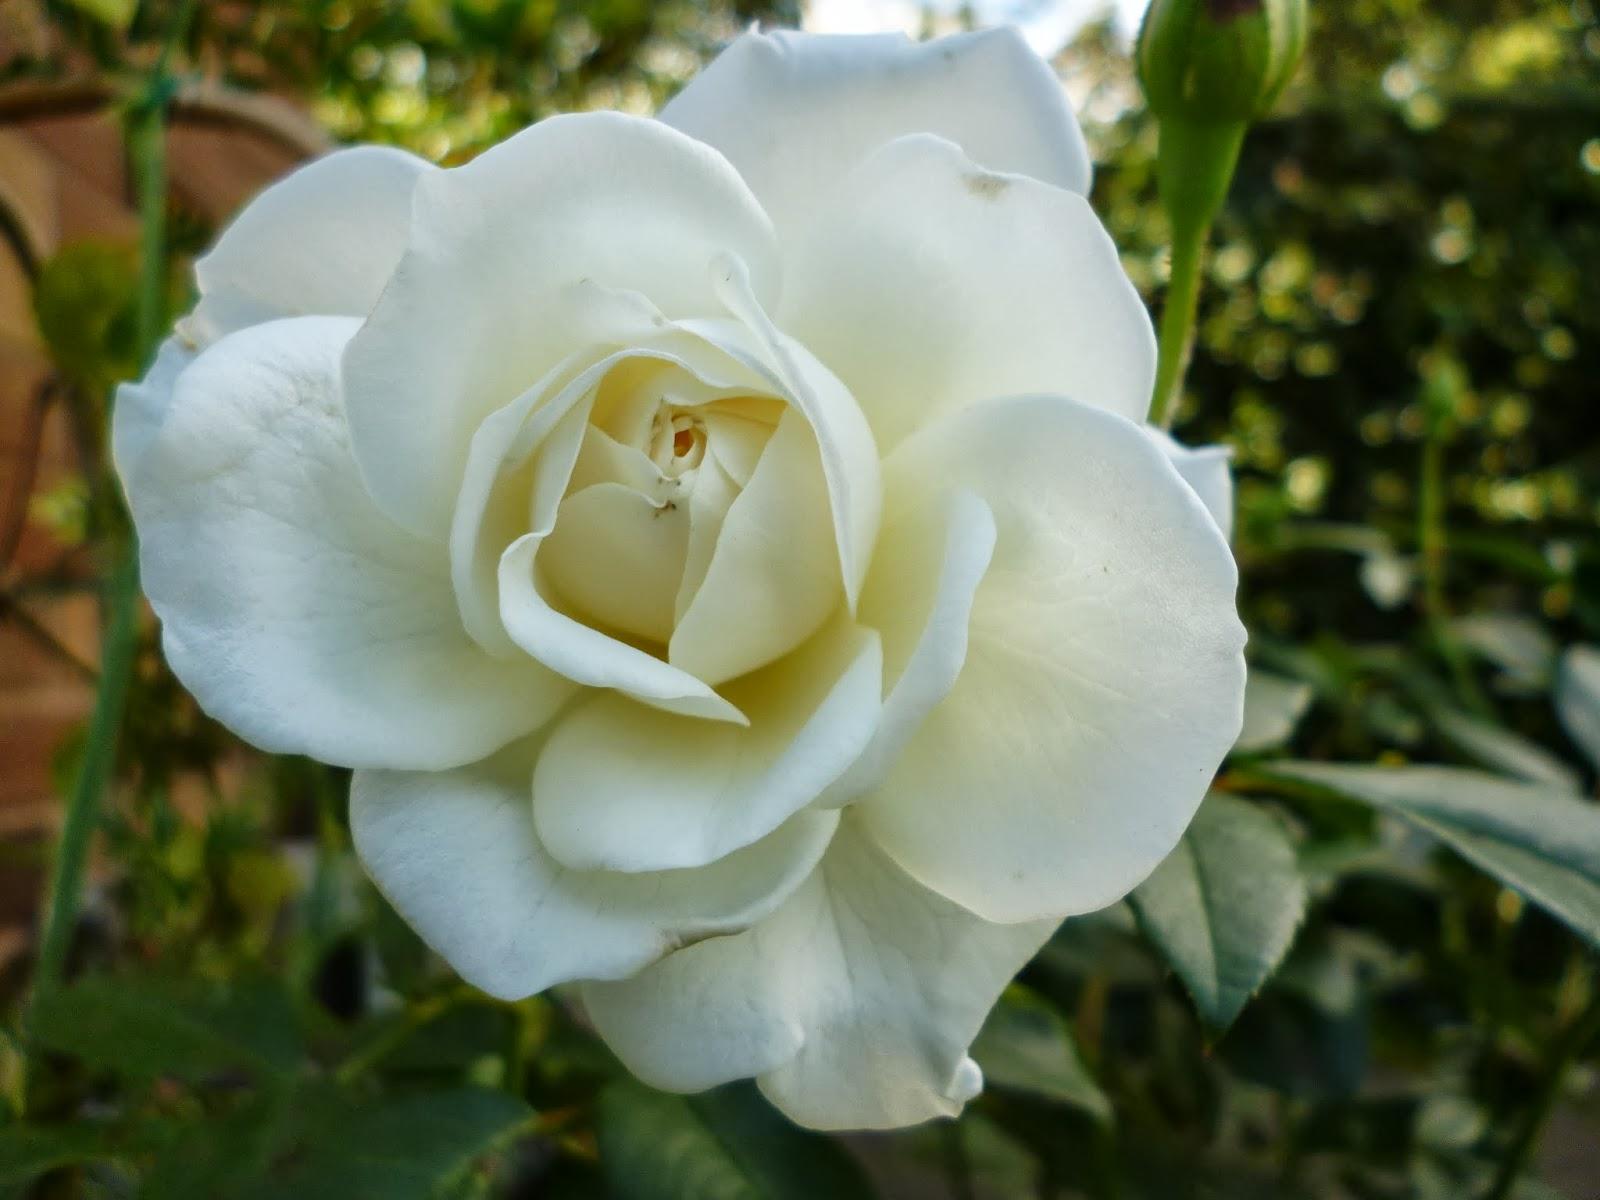 Rose iceberg floribunda gardening express review for Gardening express reviews